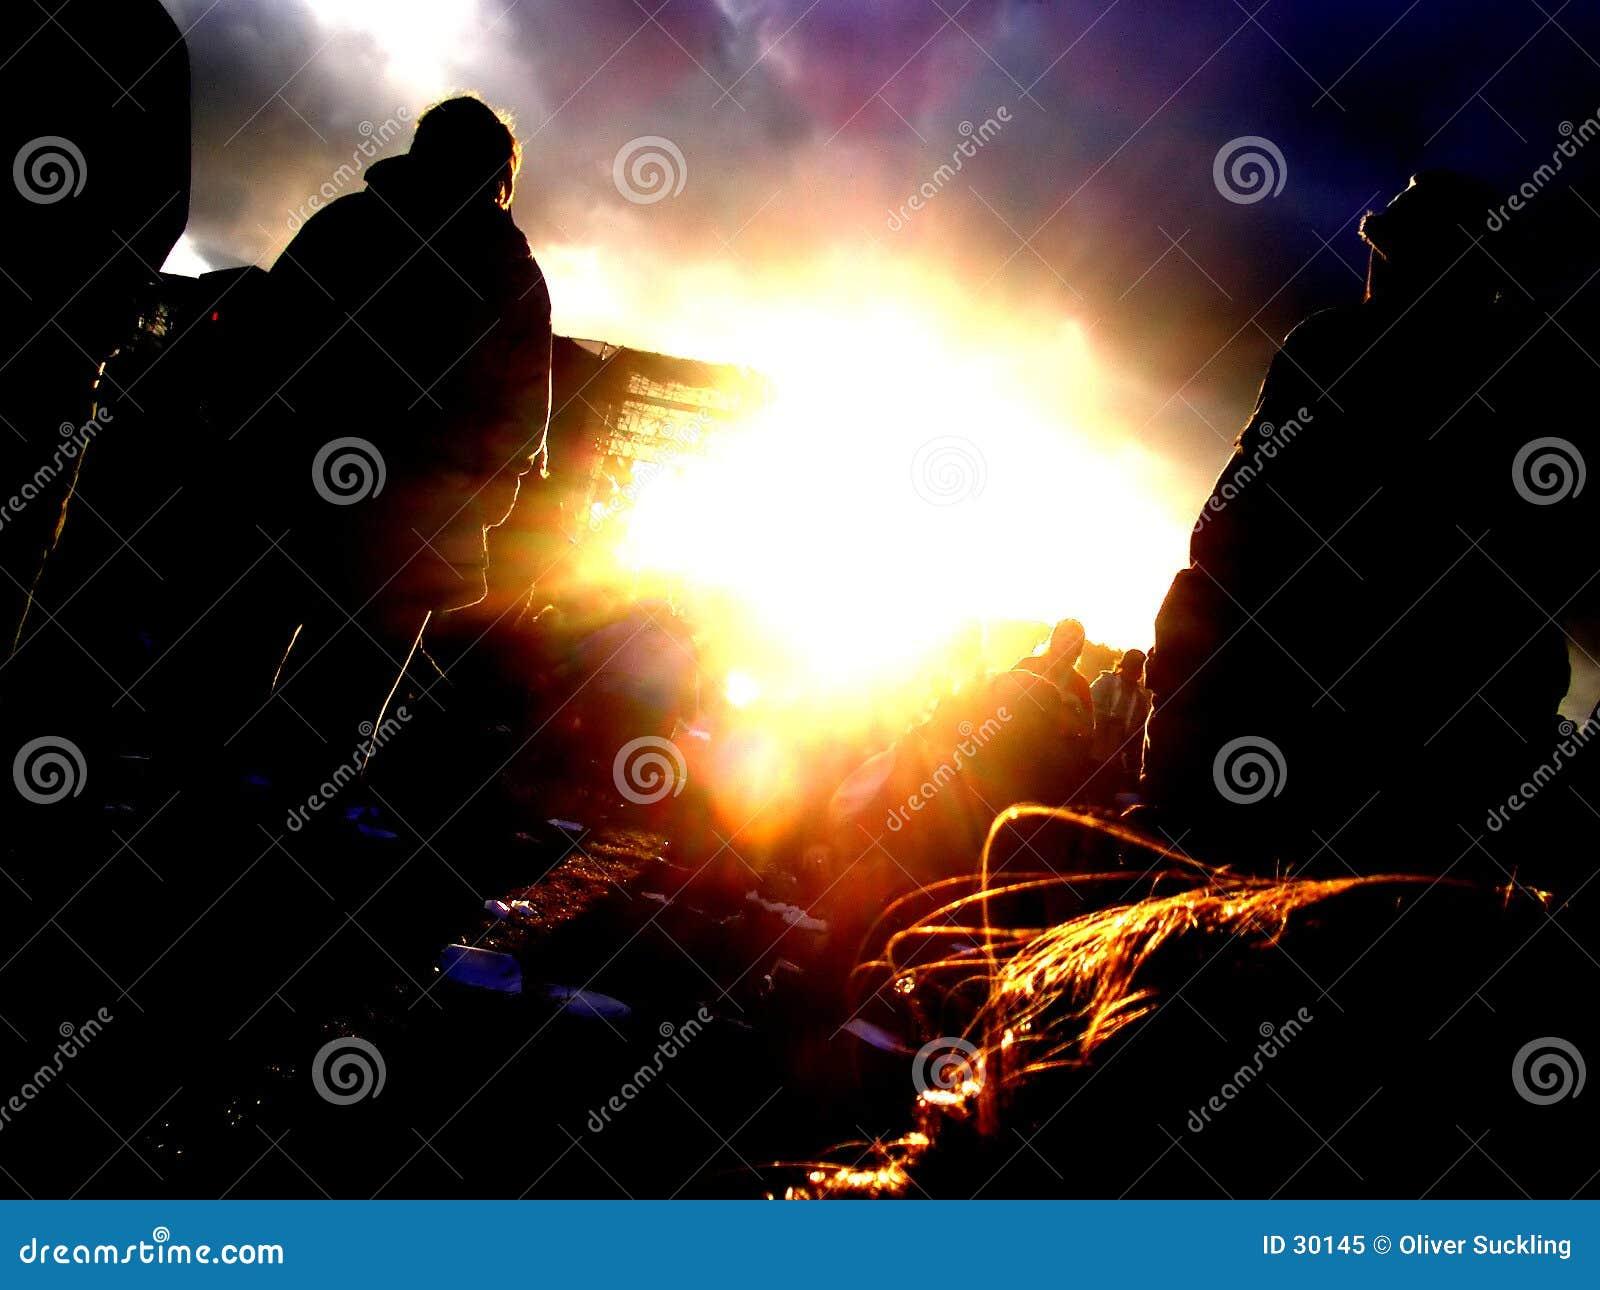 Download Aguardar puesta del sol imagen de archivo. Imagen de contraste - 30145